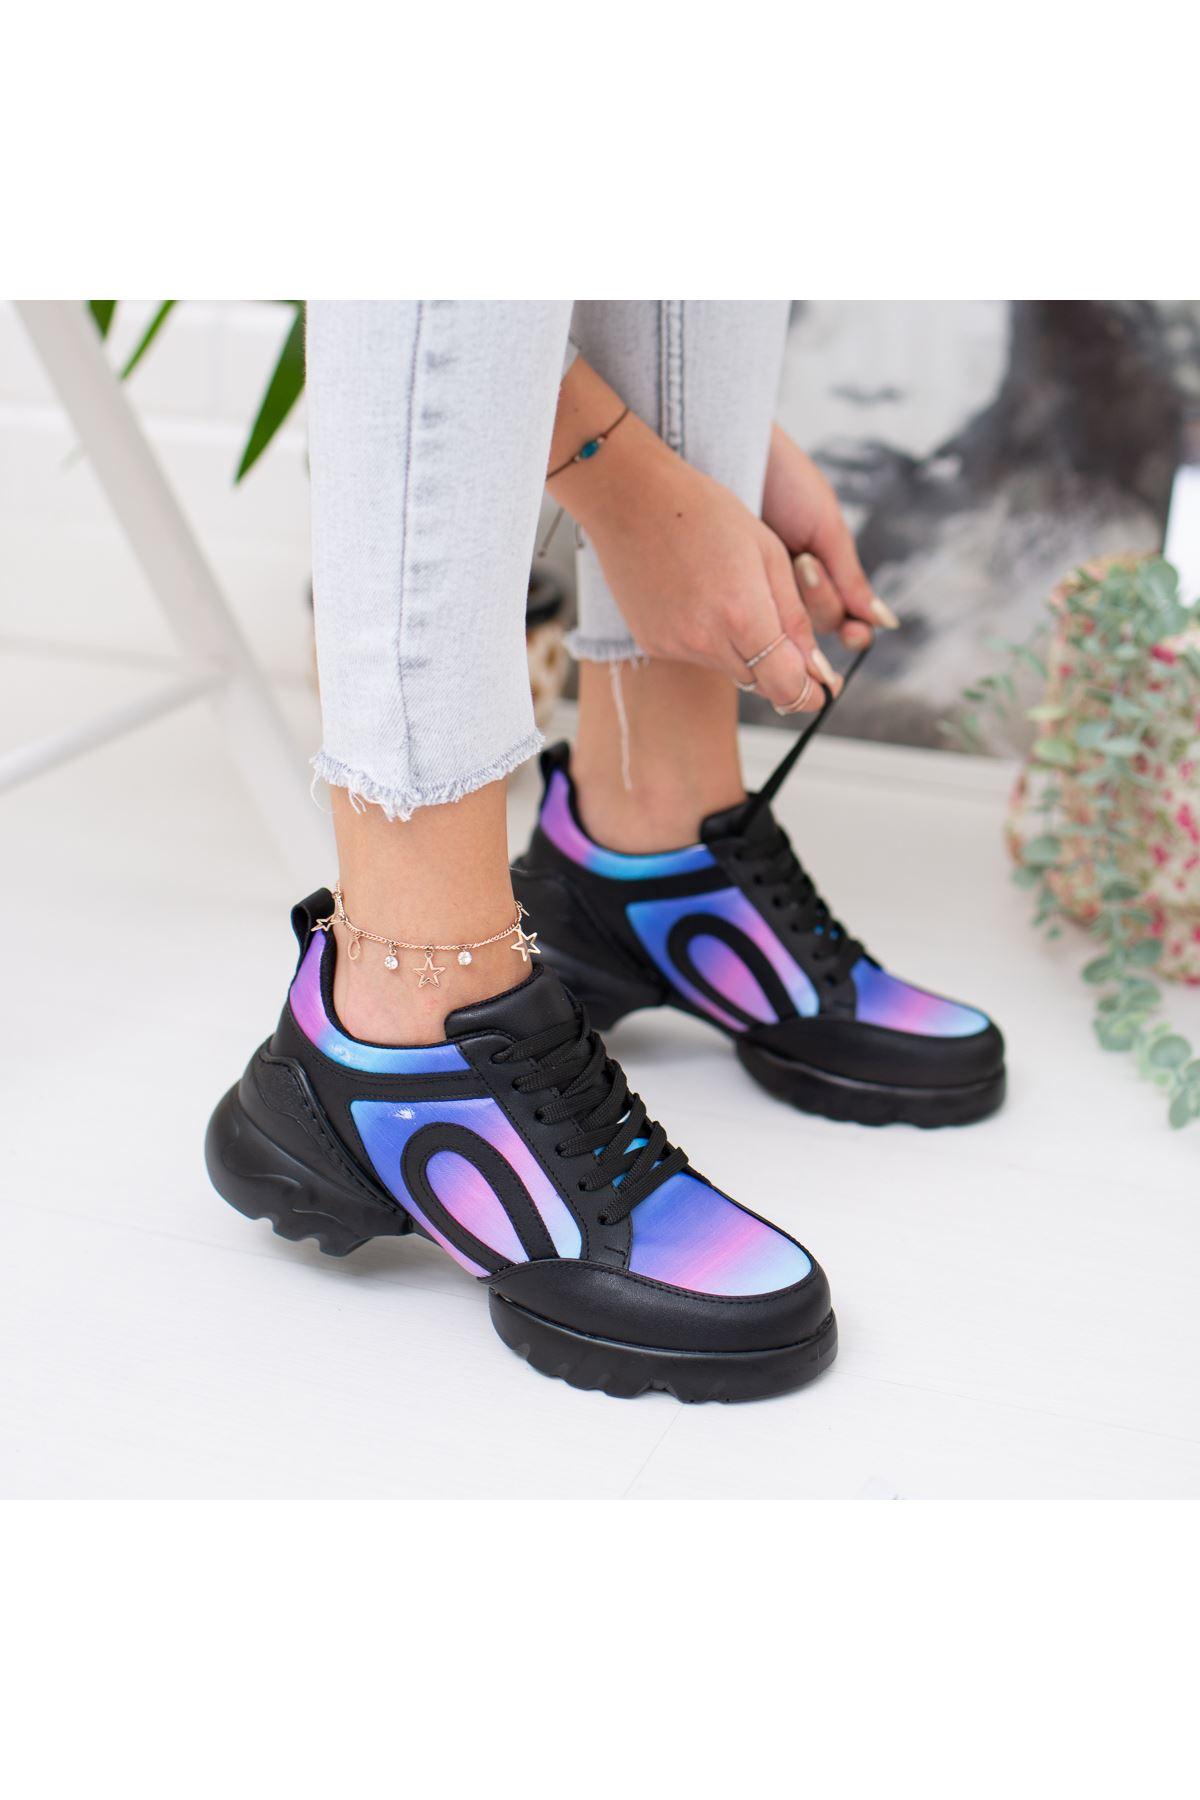 Vista Mor Ortapedik Bayan Spor Ayakkabı